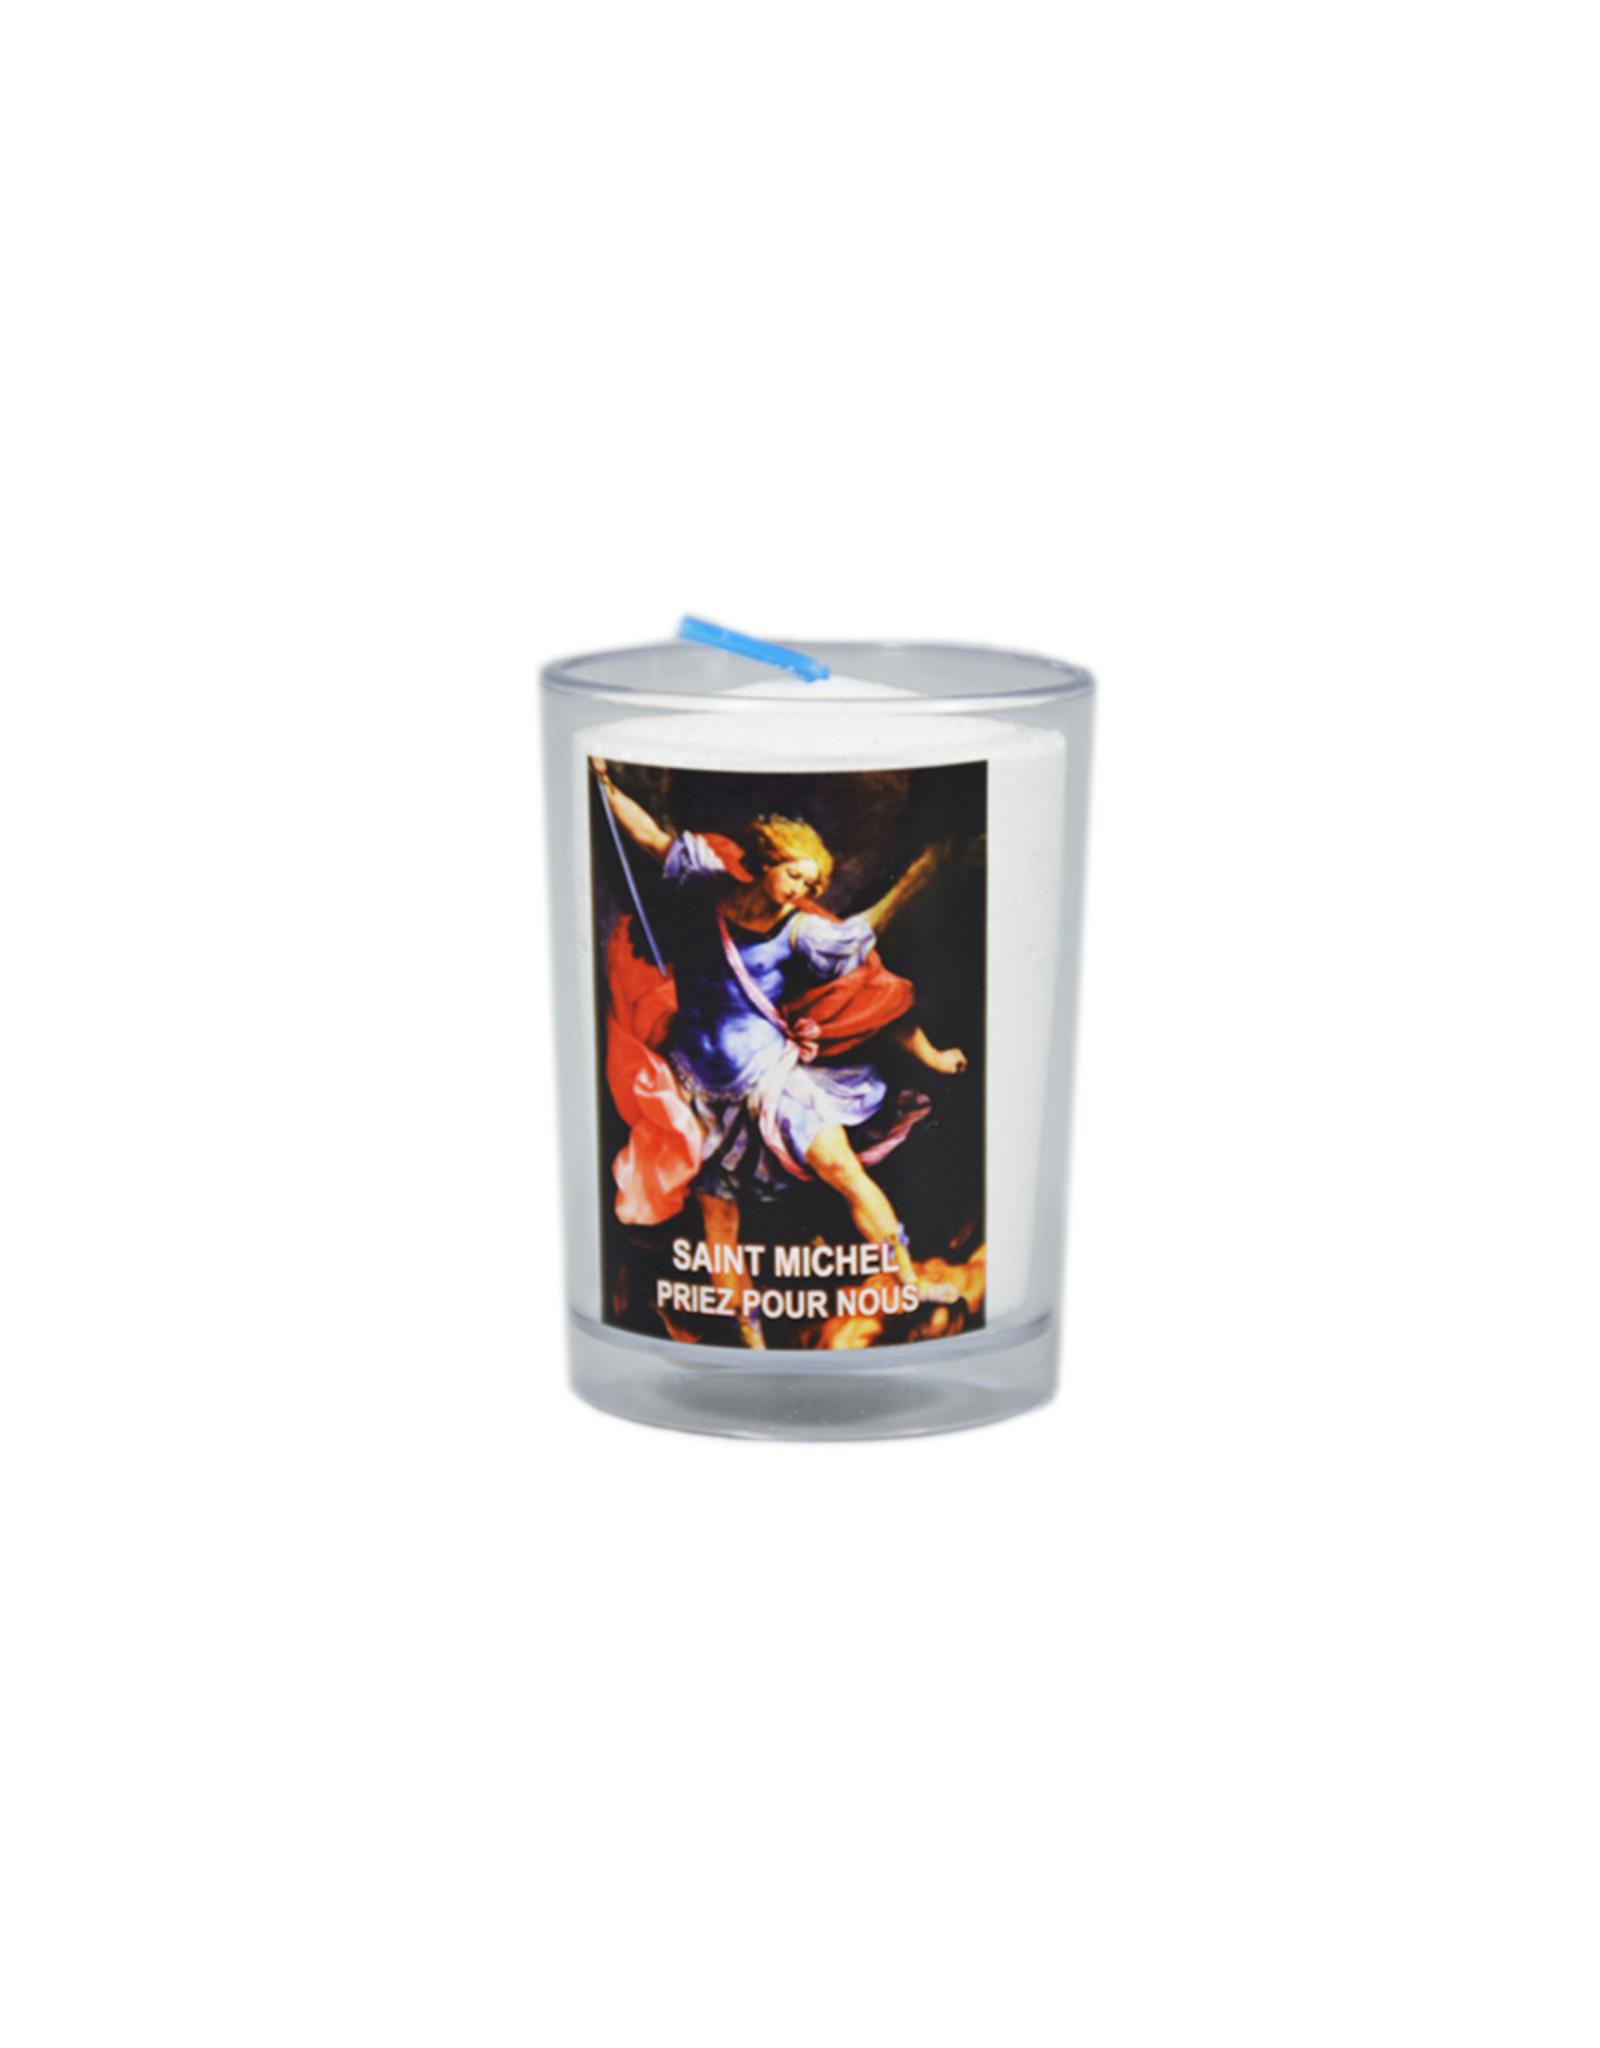 Chandelles Tradition / Tradition Candles Lampion de Saint Michel